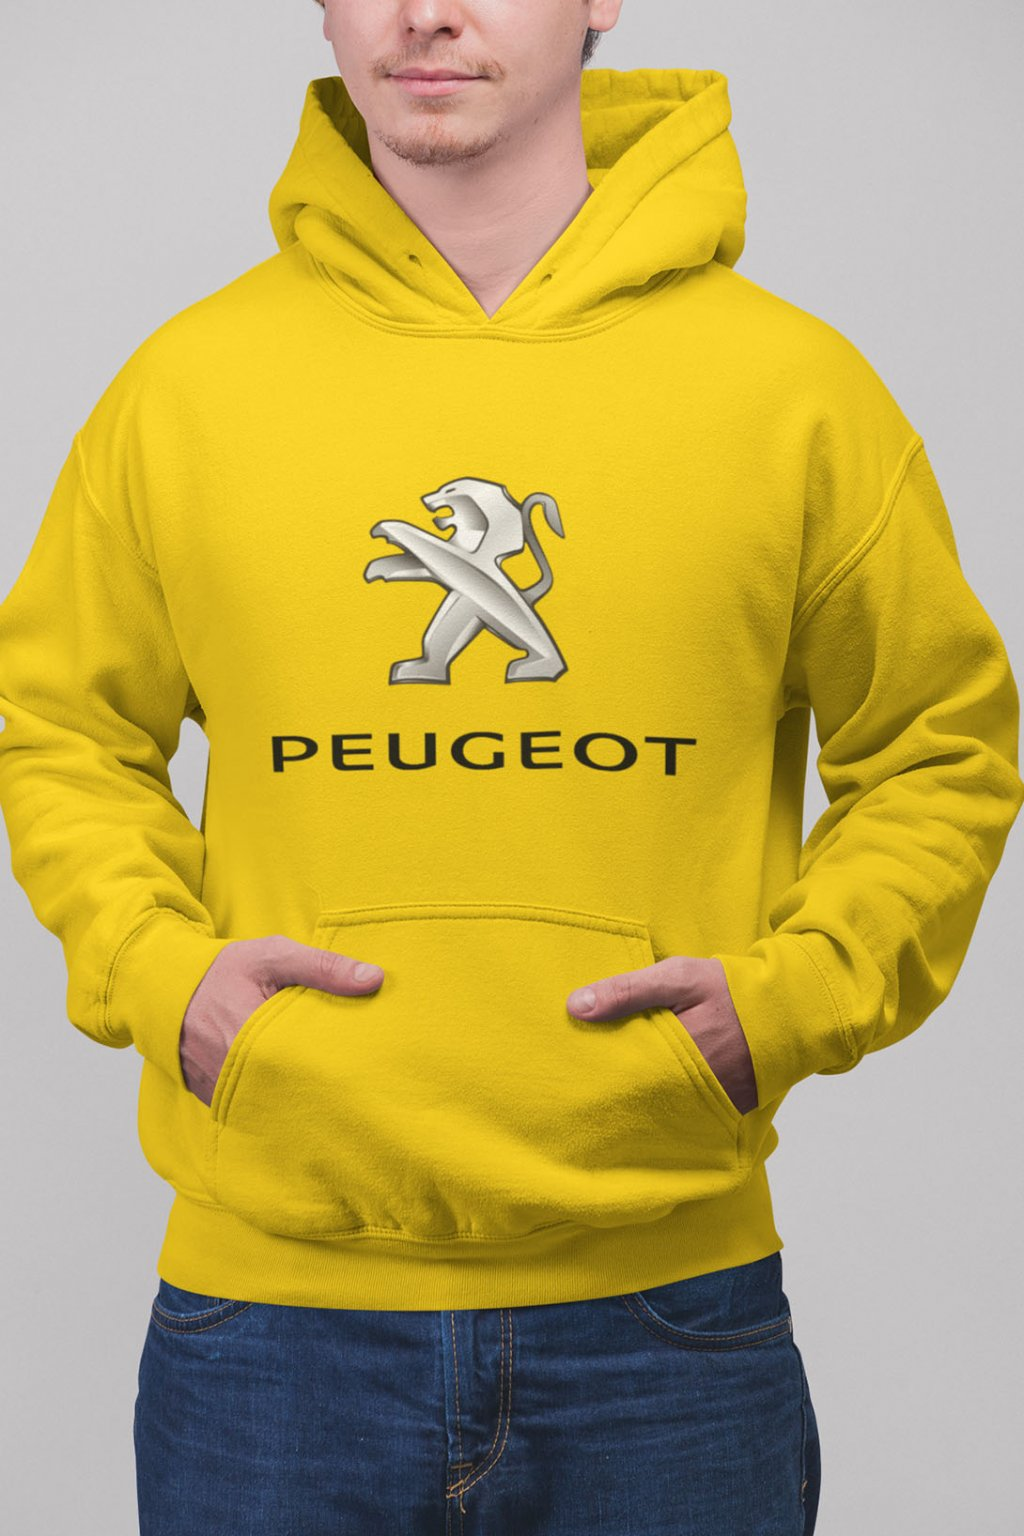 Pánska mikina s logom auta Peugot